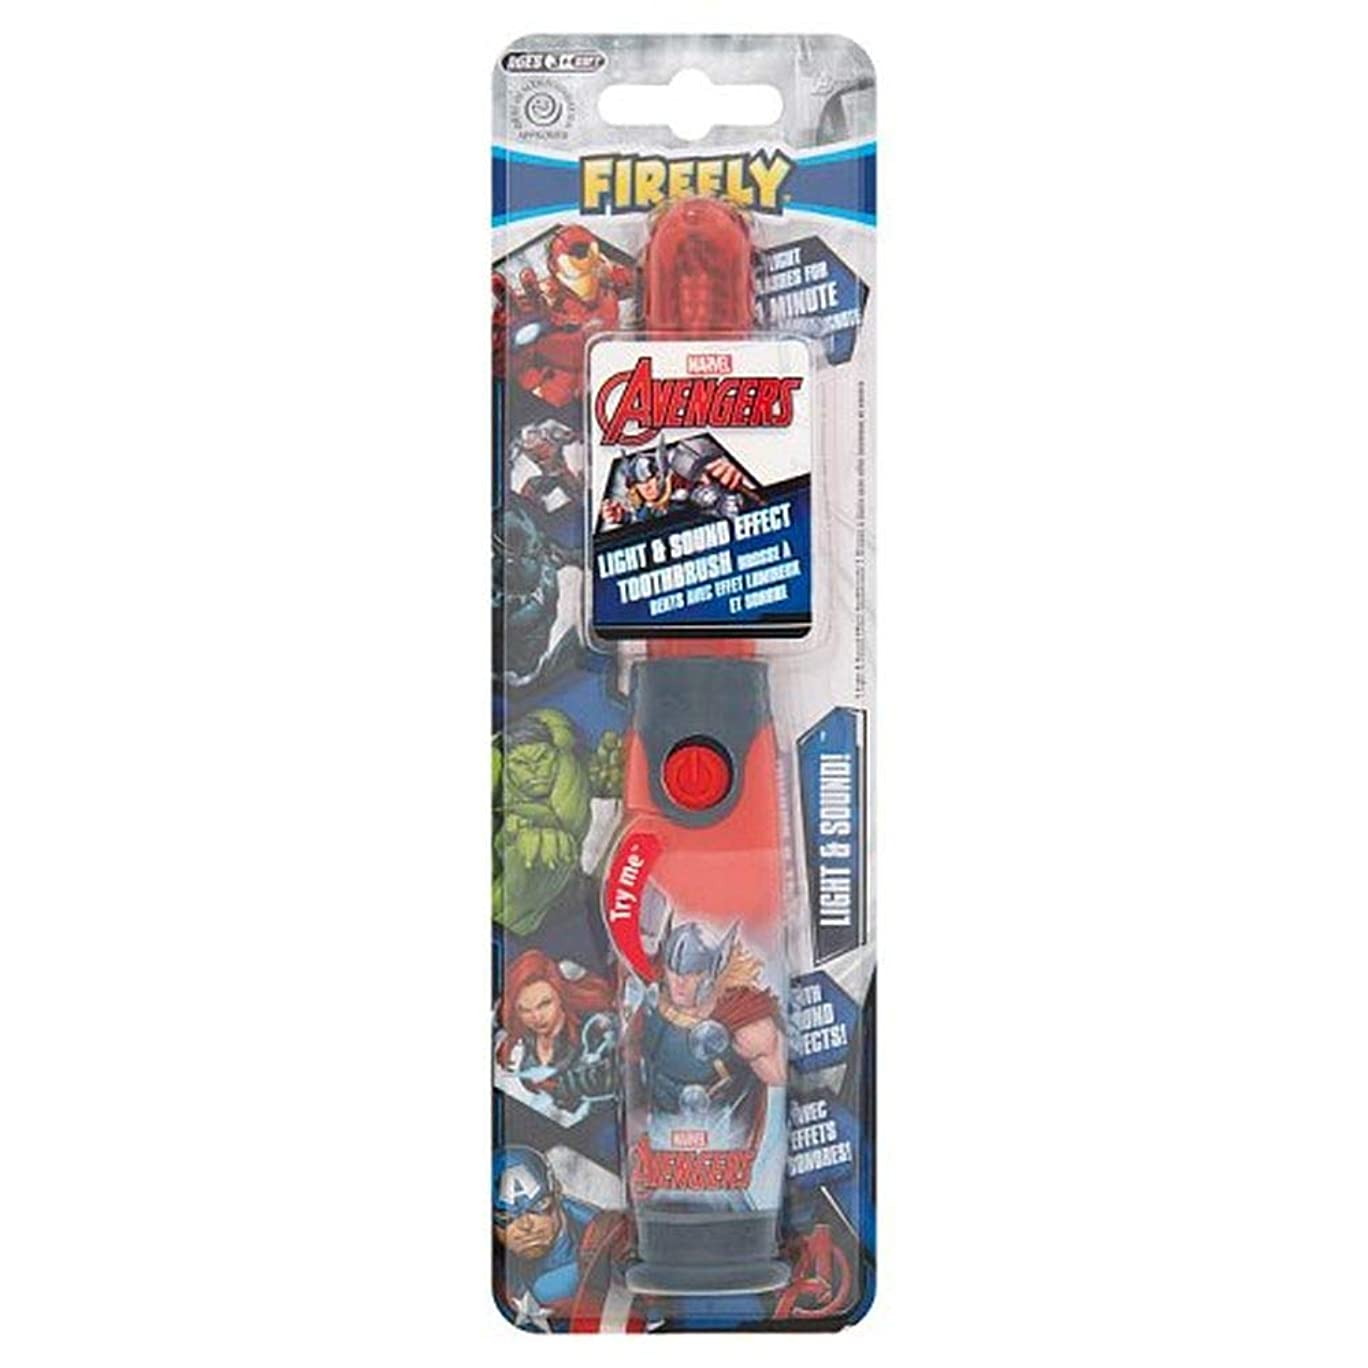 ギャラリー万一に備えてアレキサンダーグラハムベル[Firefly ] アベンジャーズホタルの光と音の歯ブラシ - Avengers Firefly Light And Sound Toothbrush [並行輸入品]